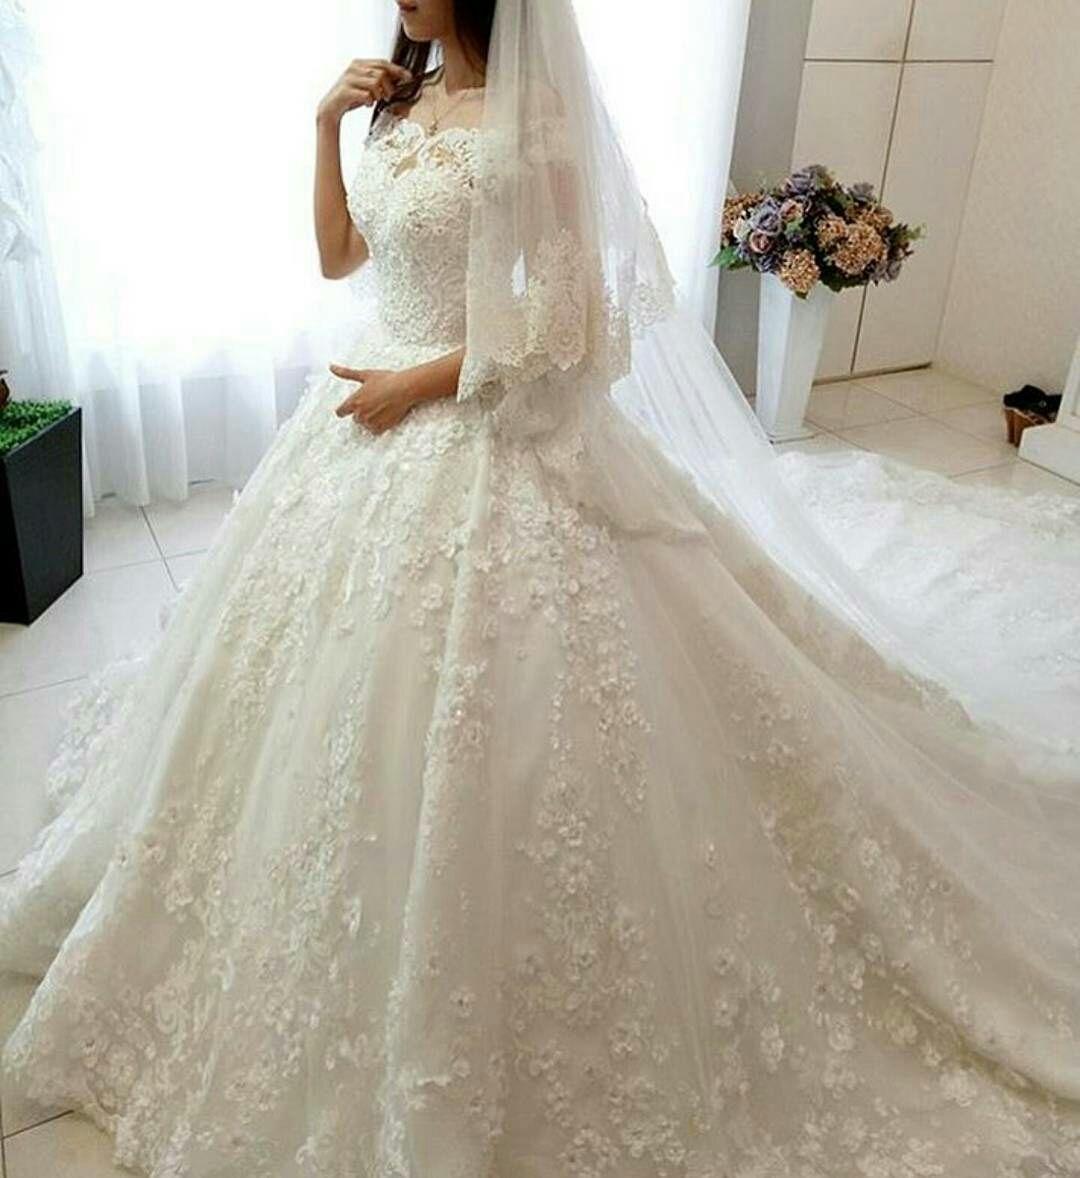 Designer Wedding Gowns For Less: Custom Wedding Dresses - USA Dress Designer